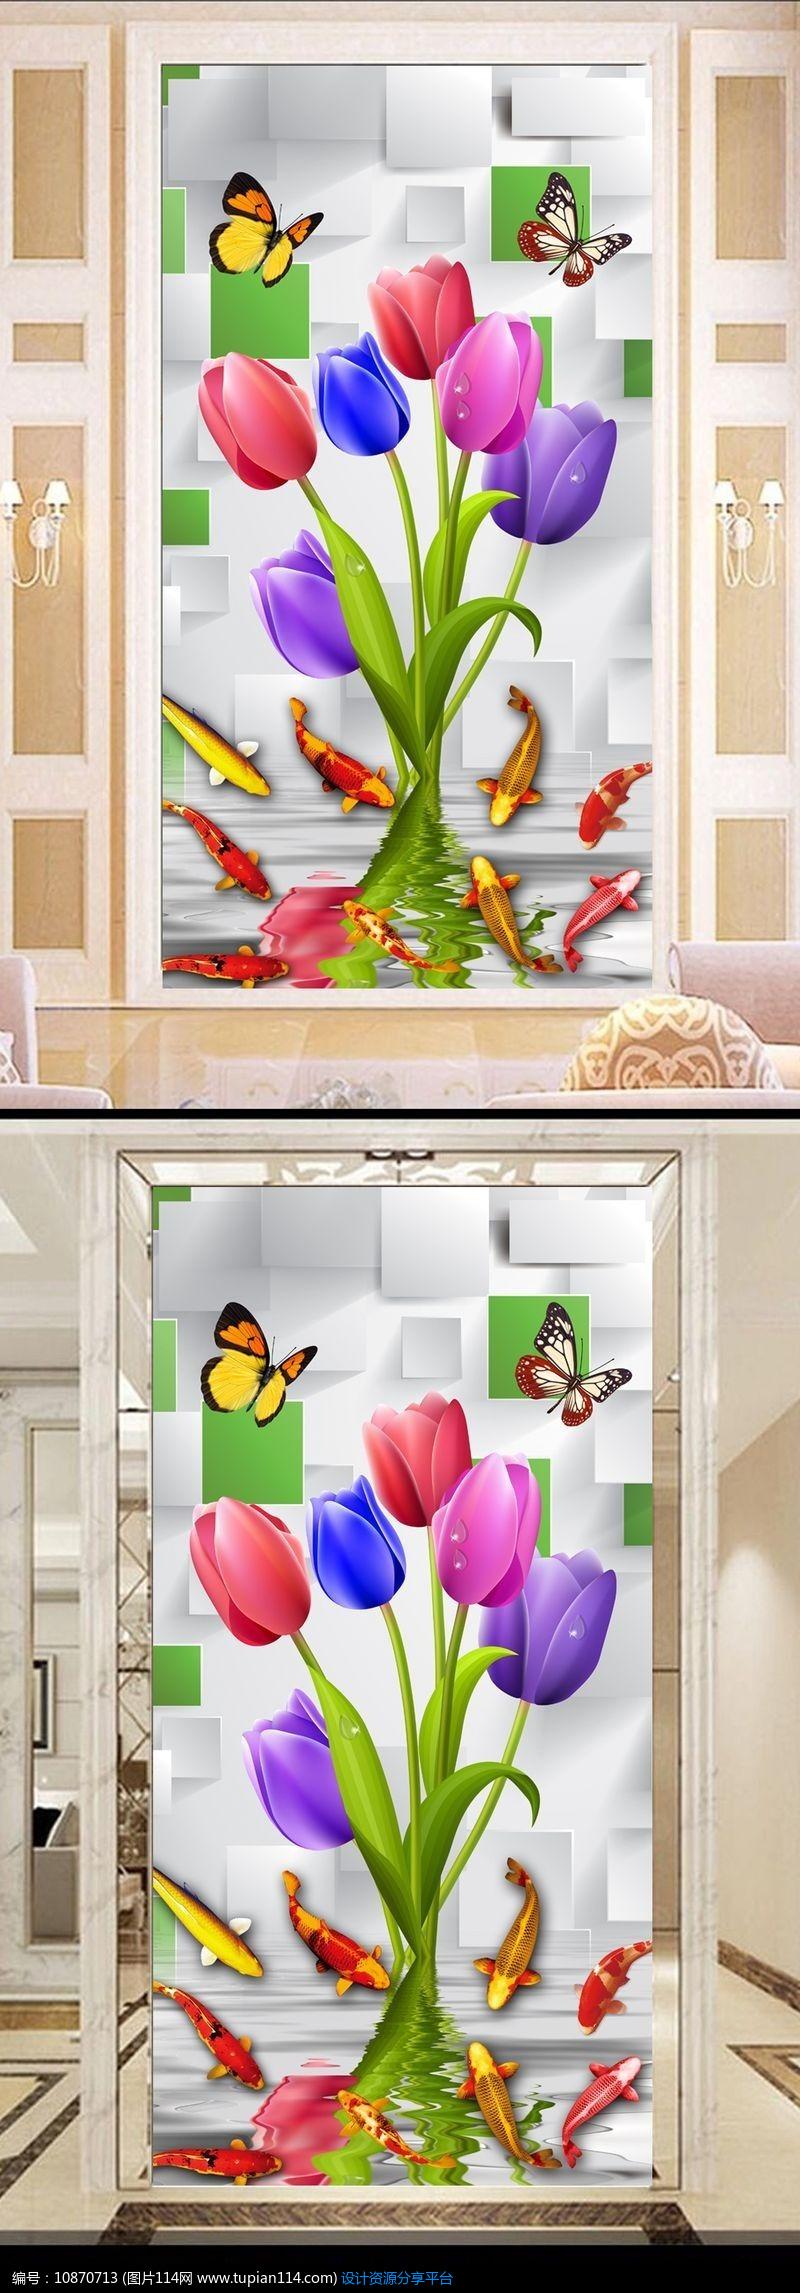 [原创]唯美郁金香图纸立体图方条玄关图片